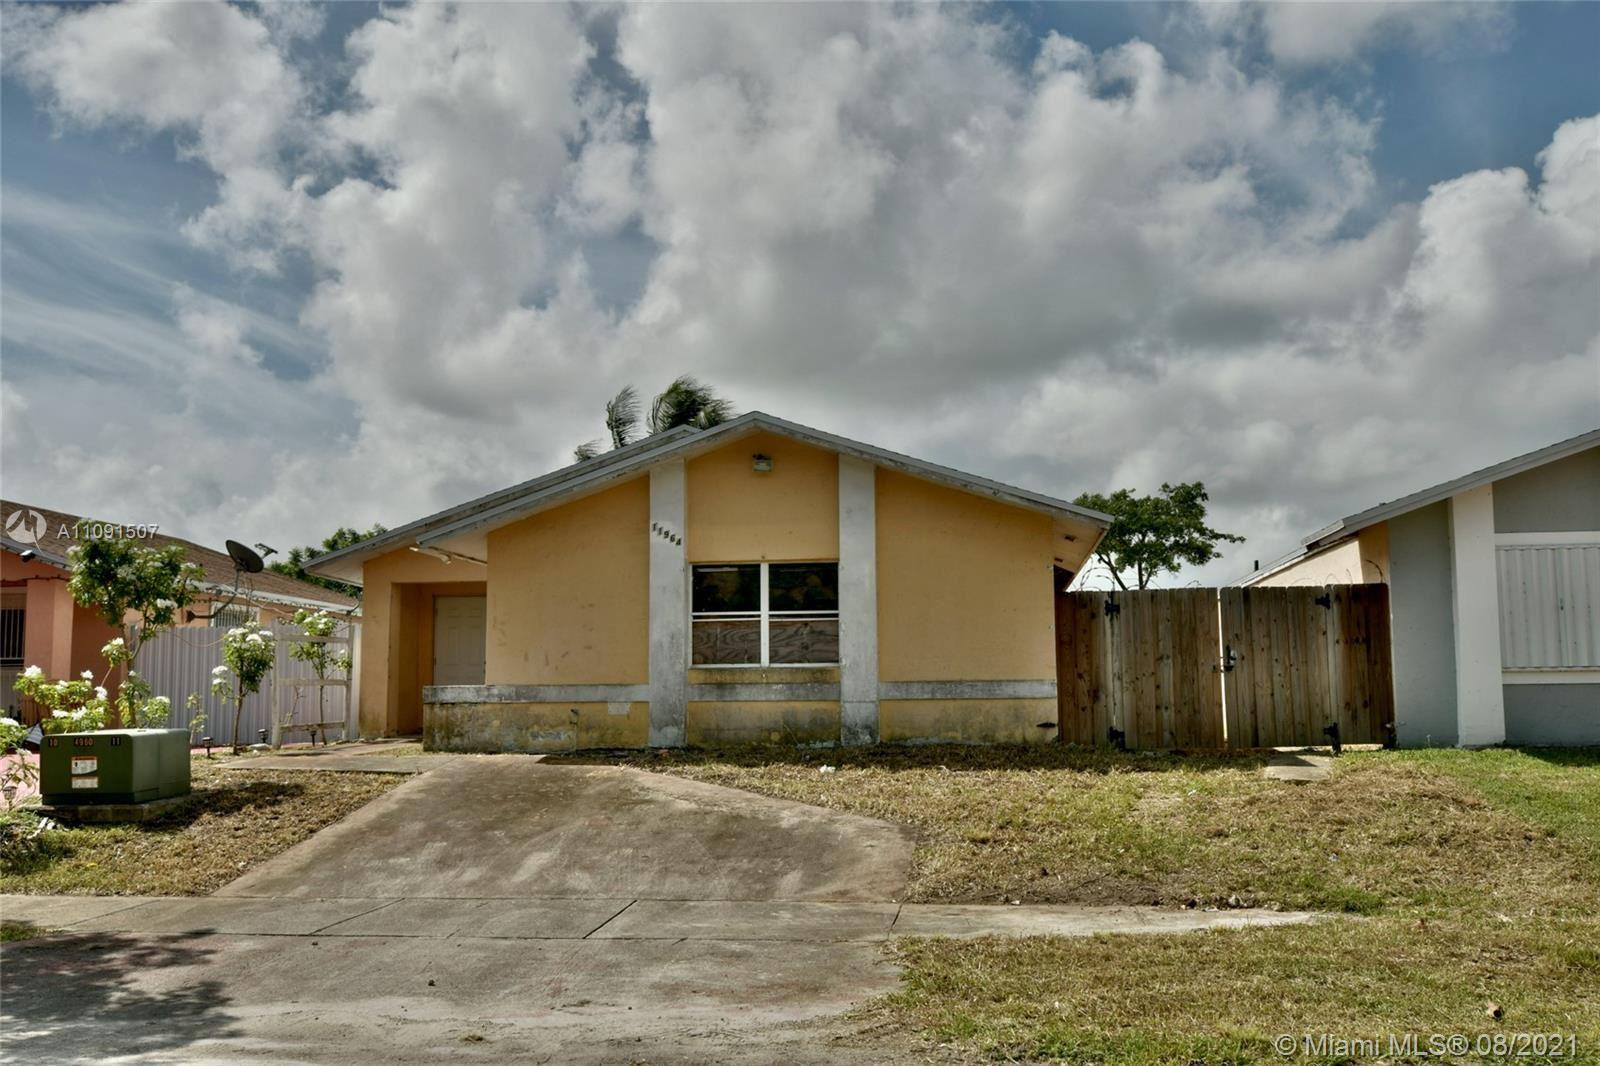 11964 SW 210th Ter, Miami, FL 33177 - #: A11091507